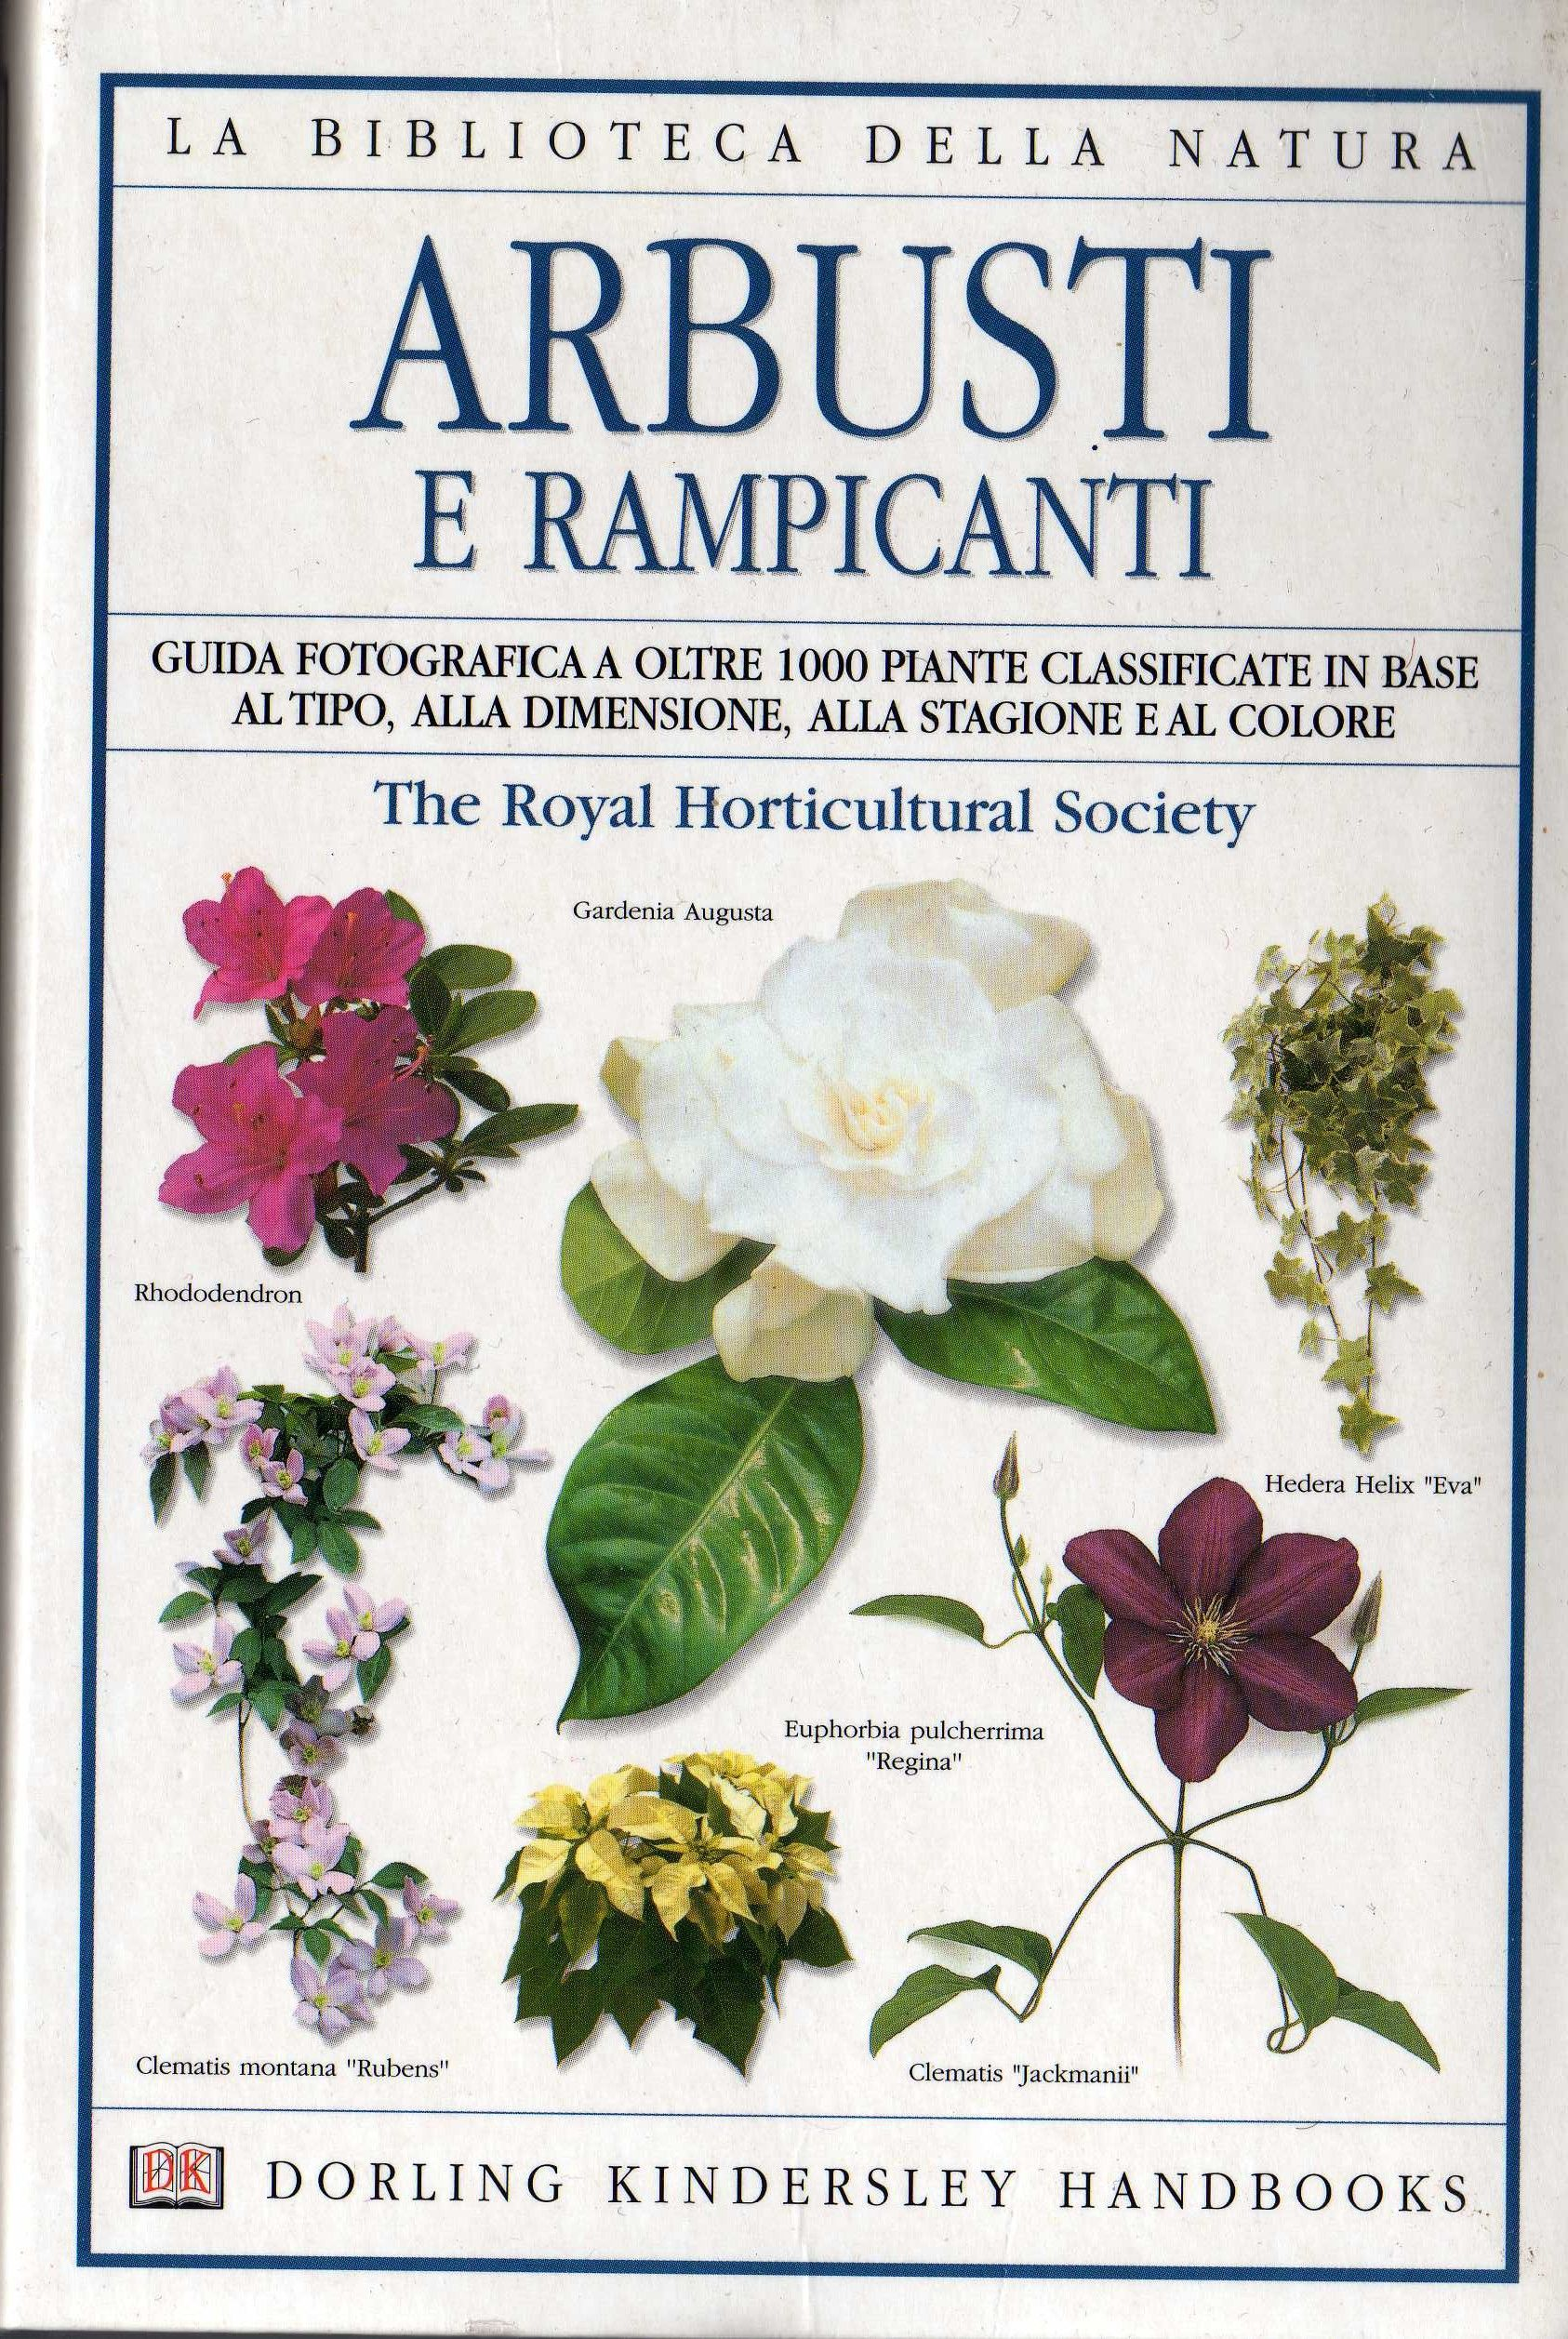 Arbusti E Rampicanti